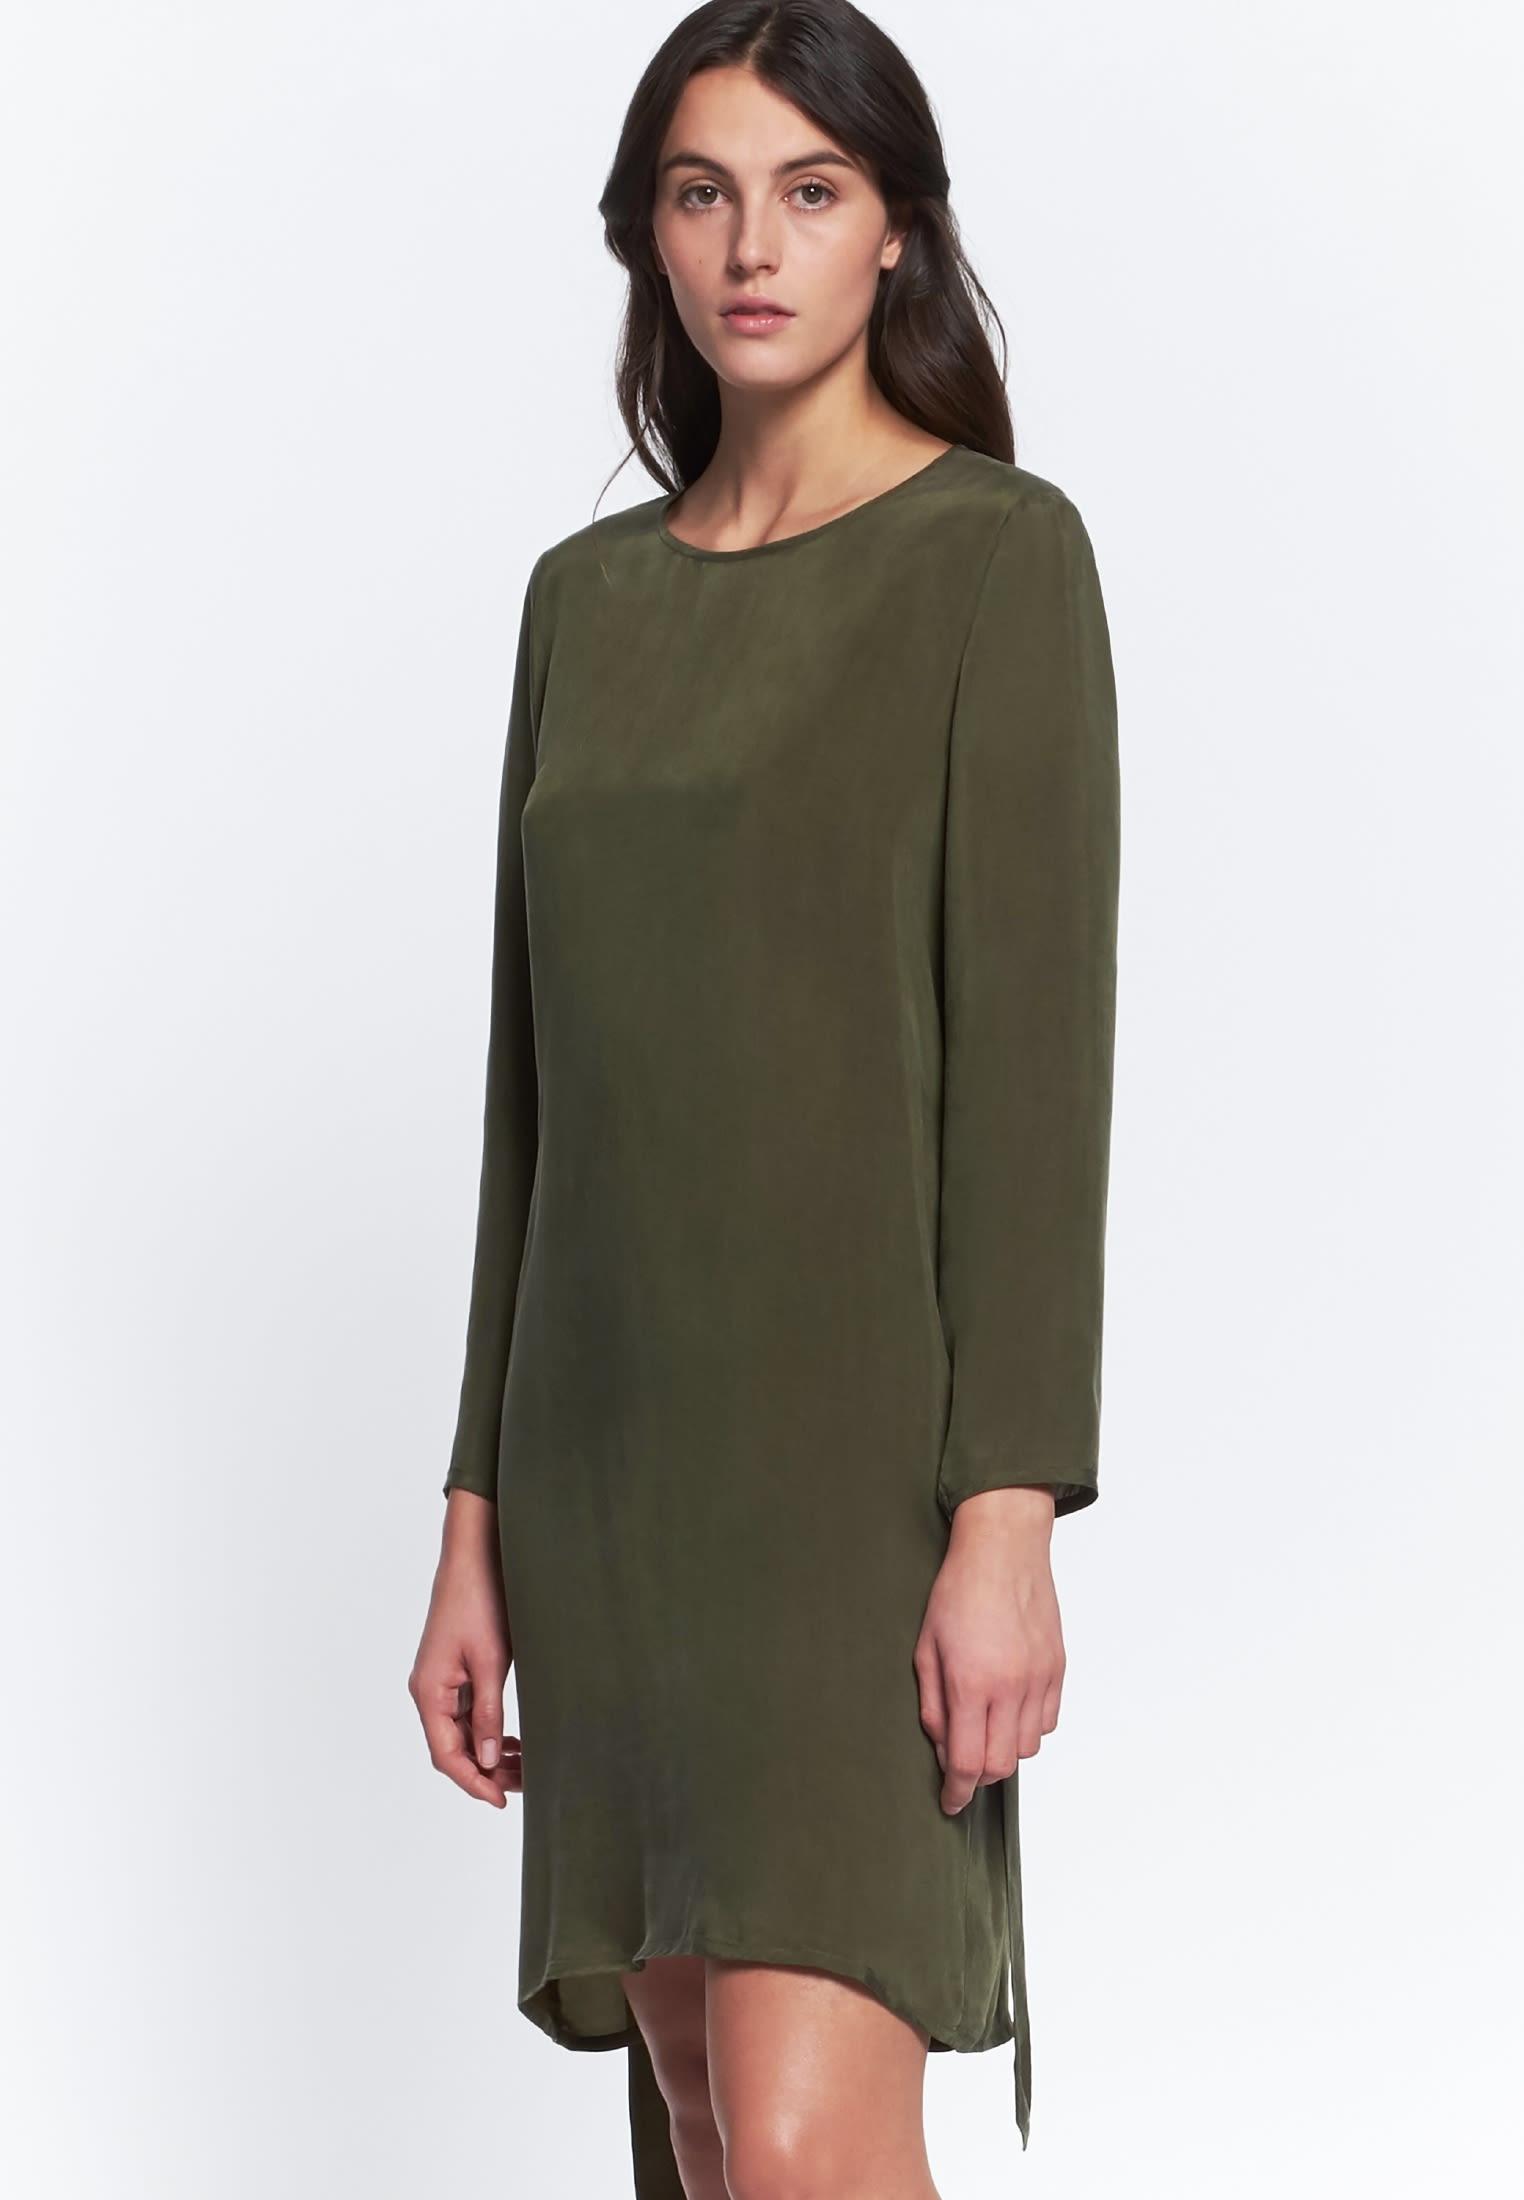 Designer Einzigartig Kleid Grün Stylish Cool Kleid Grün Spezialgebiet